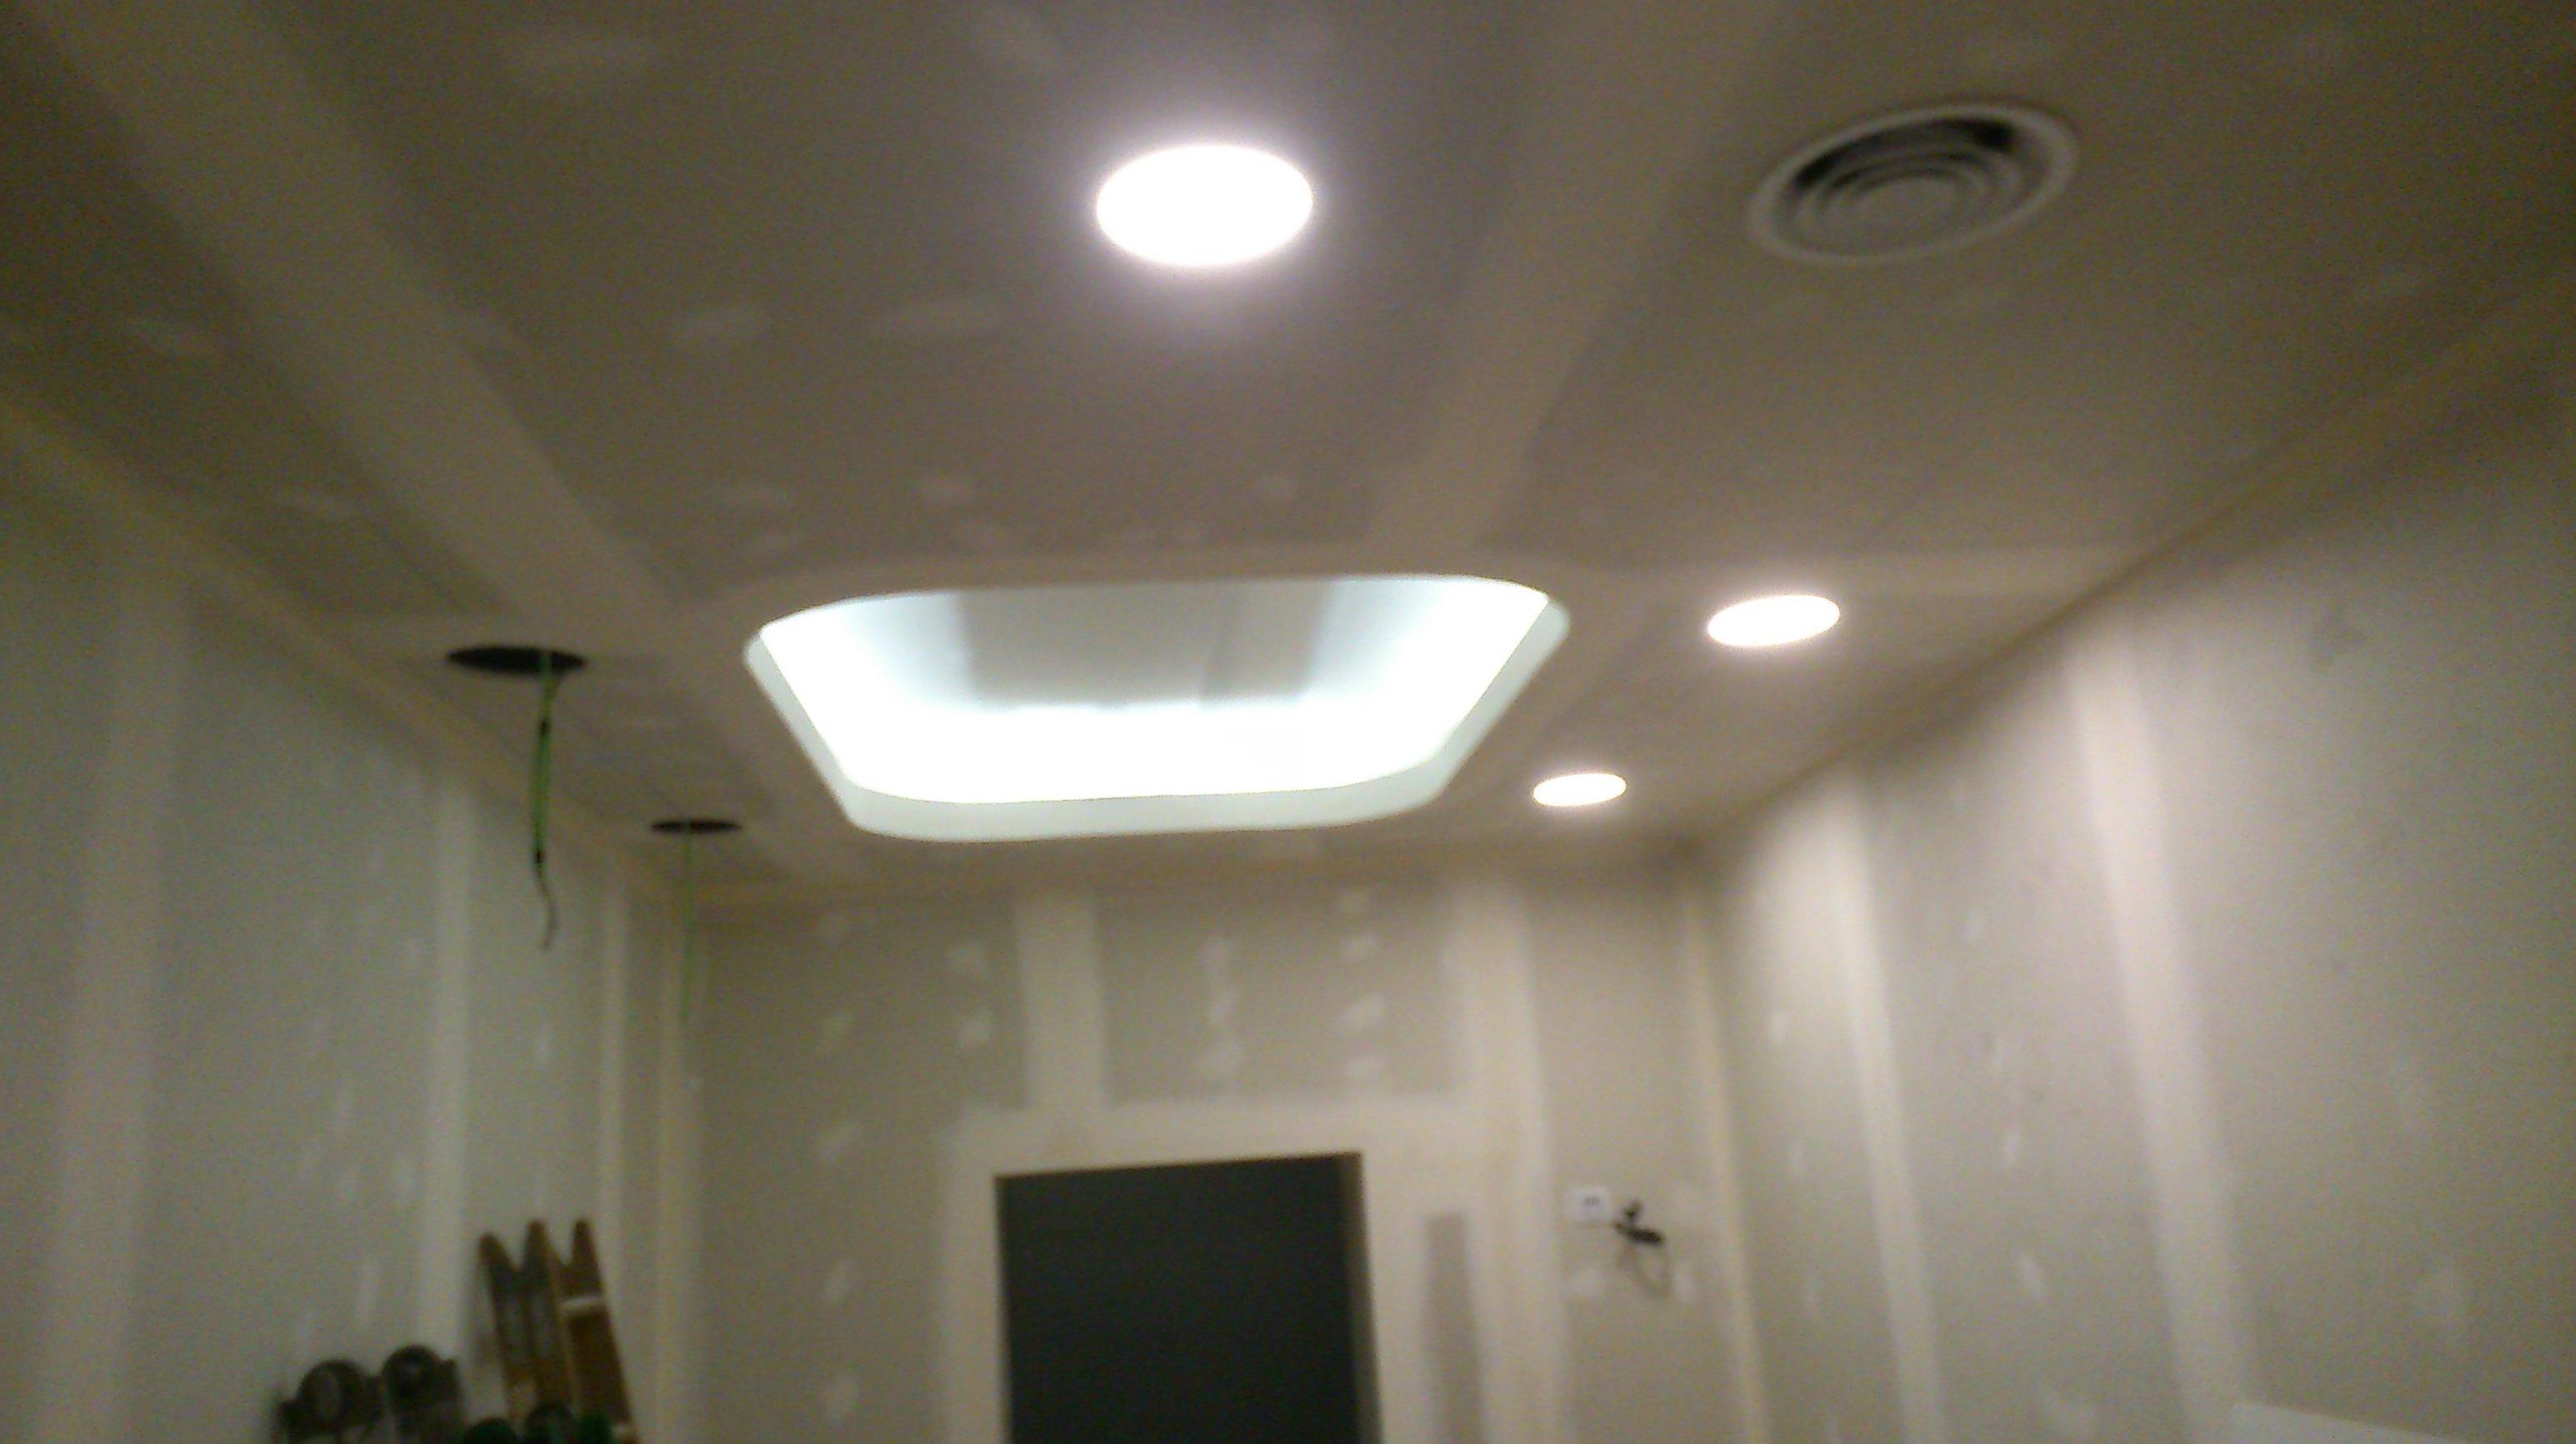 Foto 16 de Pladur en Madrid | innovaciones interiores cch,sl.